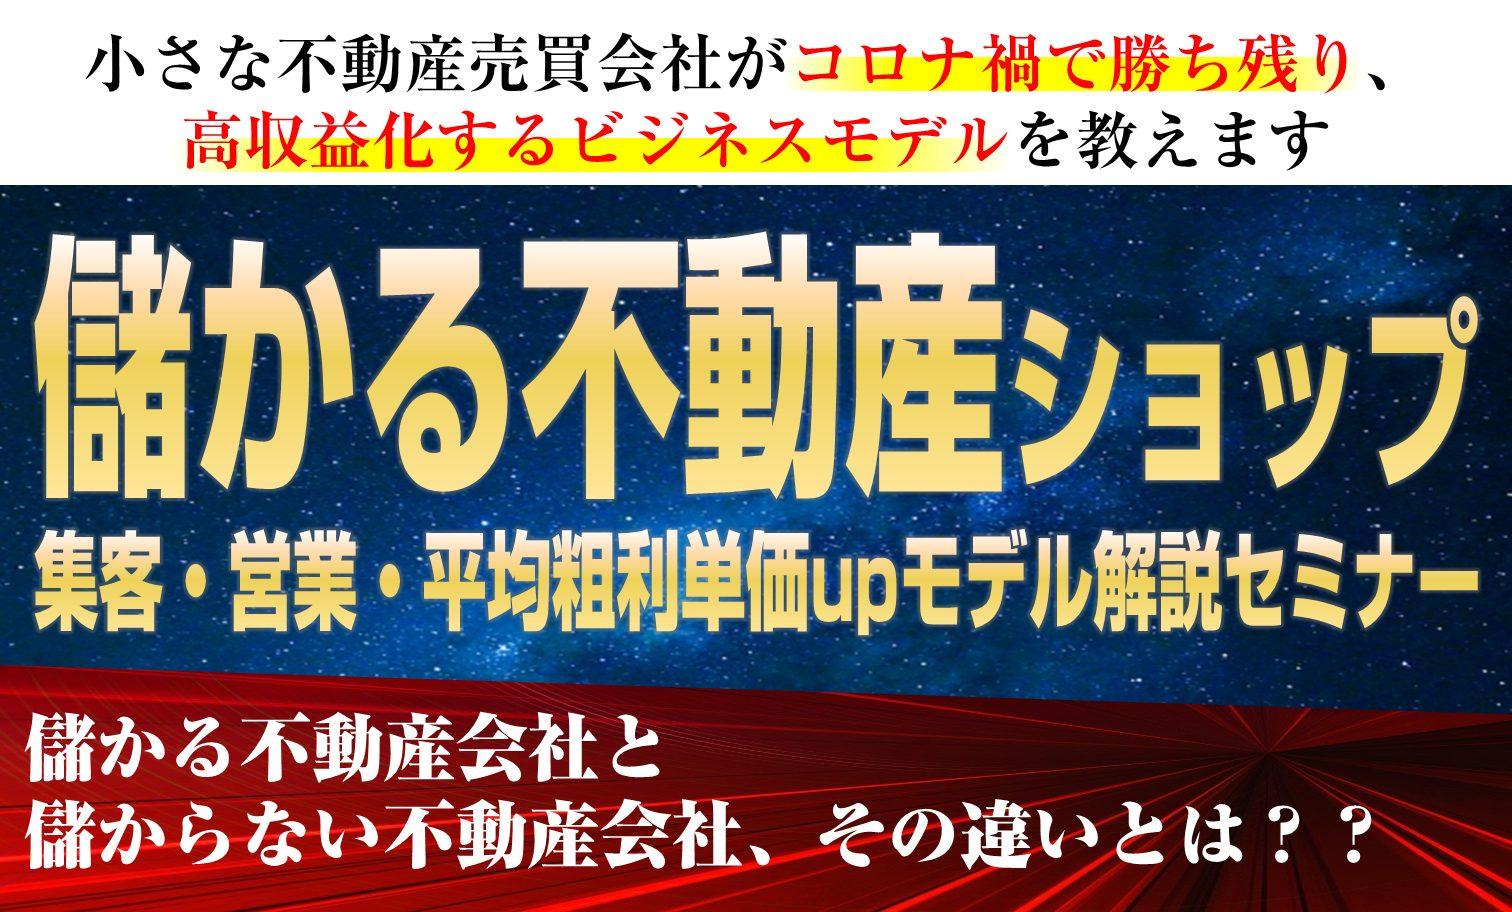 【埼玉】不動産売買仲介会社向け 埼玉県における高収益型ビジネスモデル解説セミナー202010